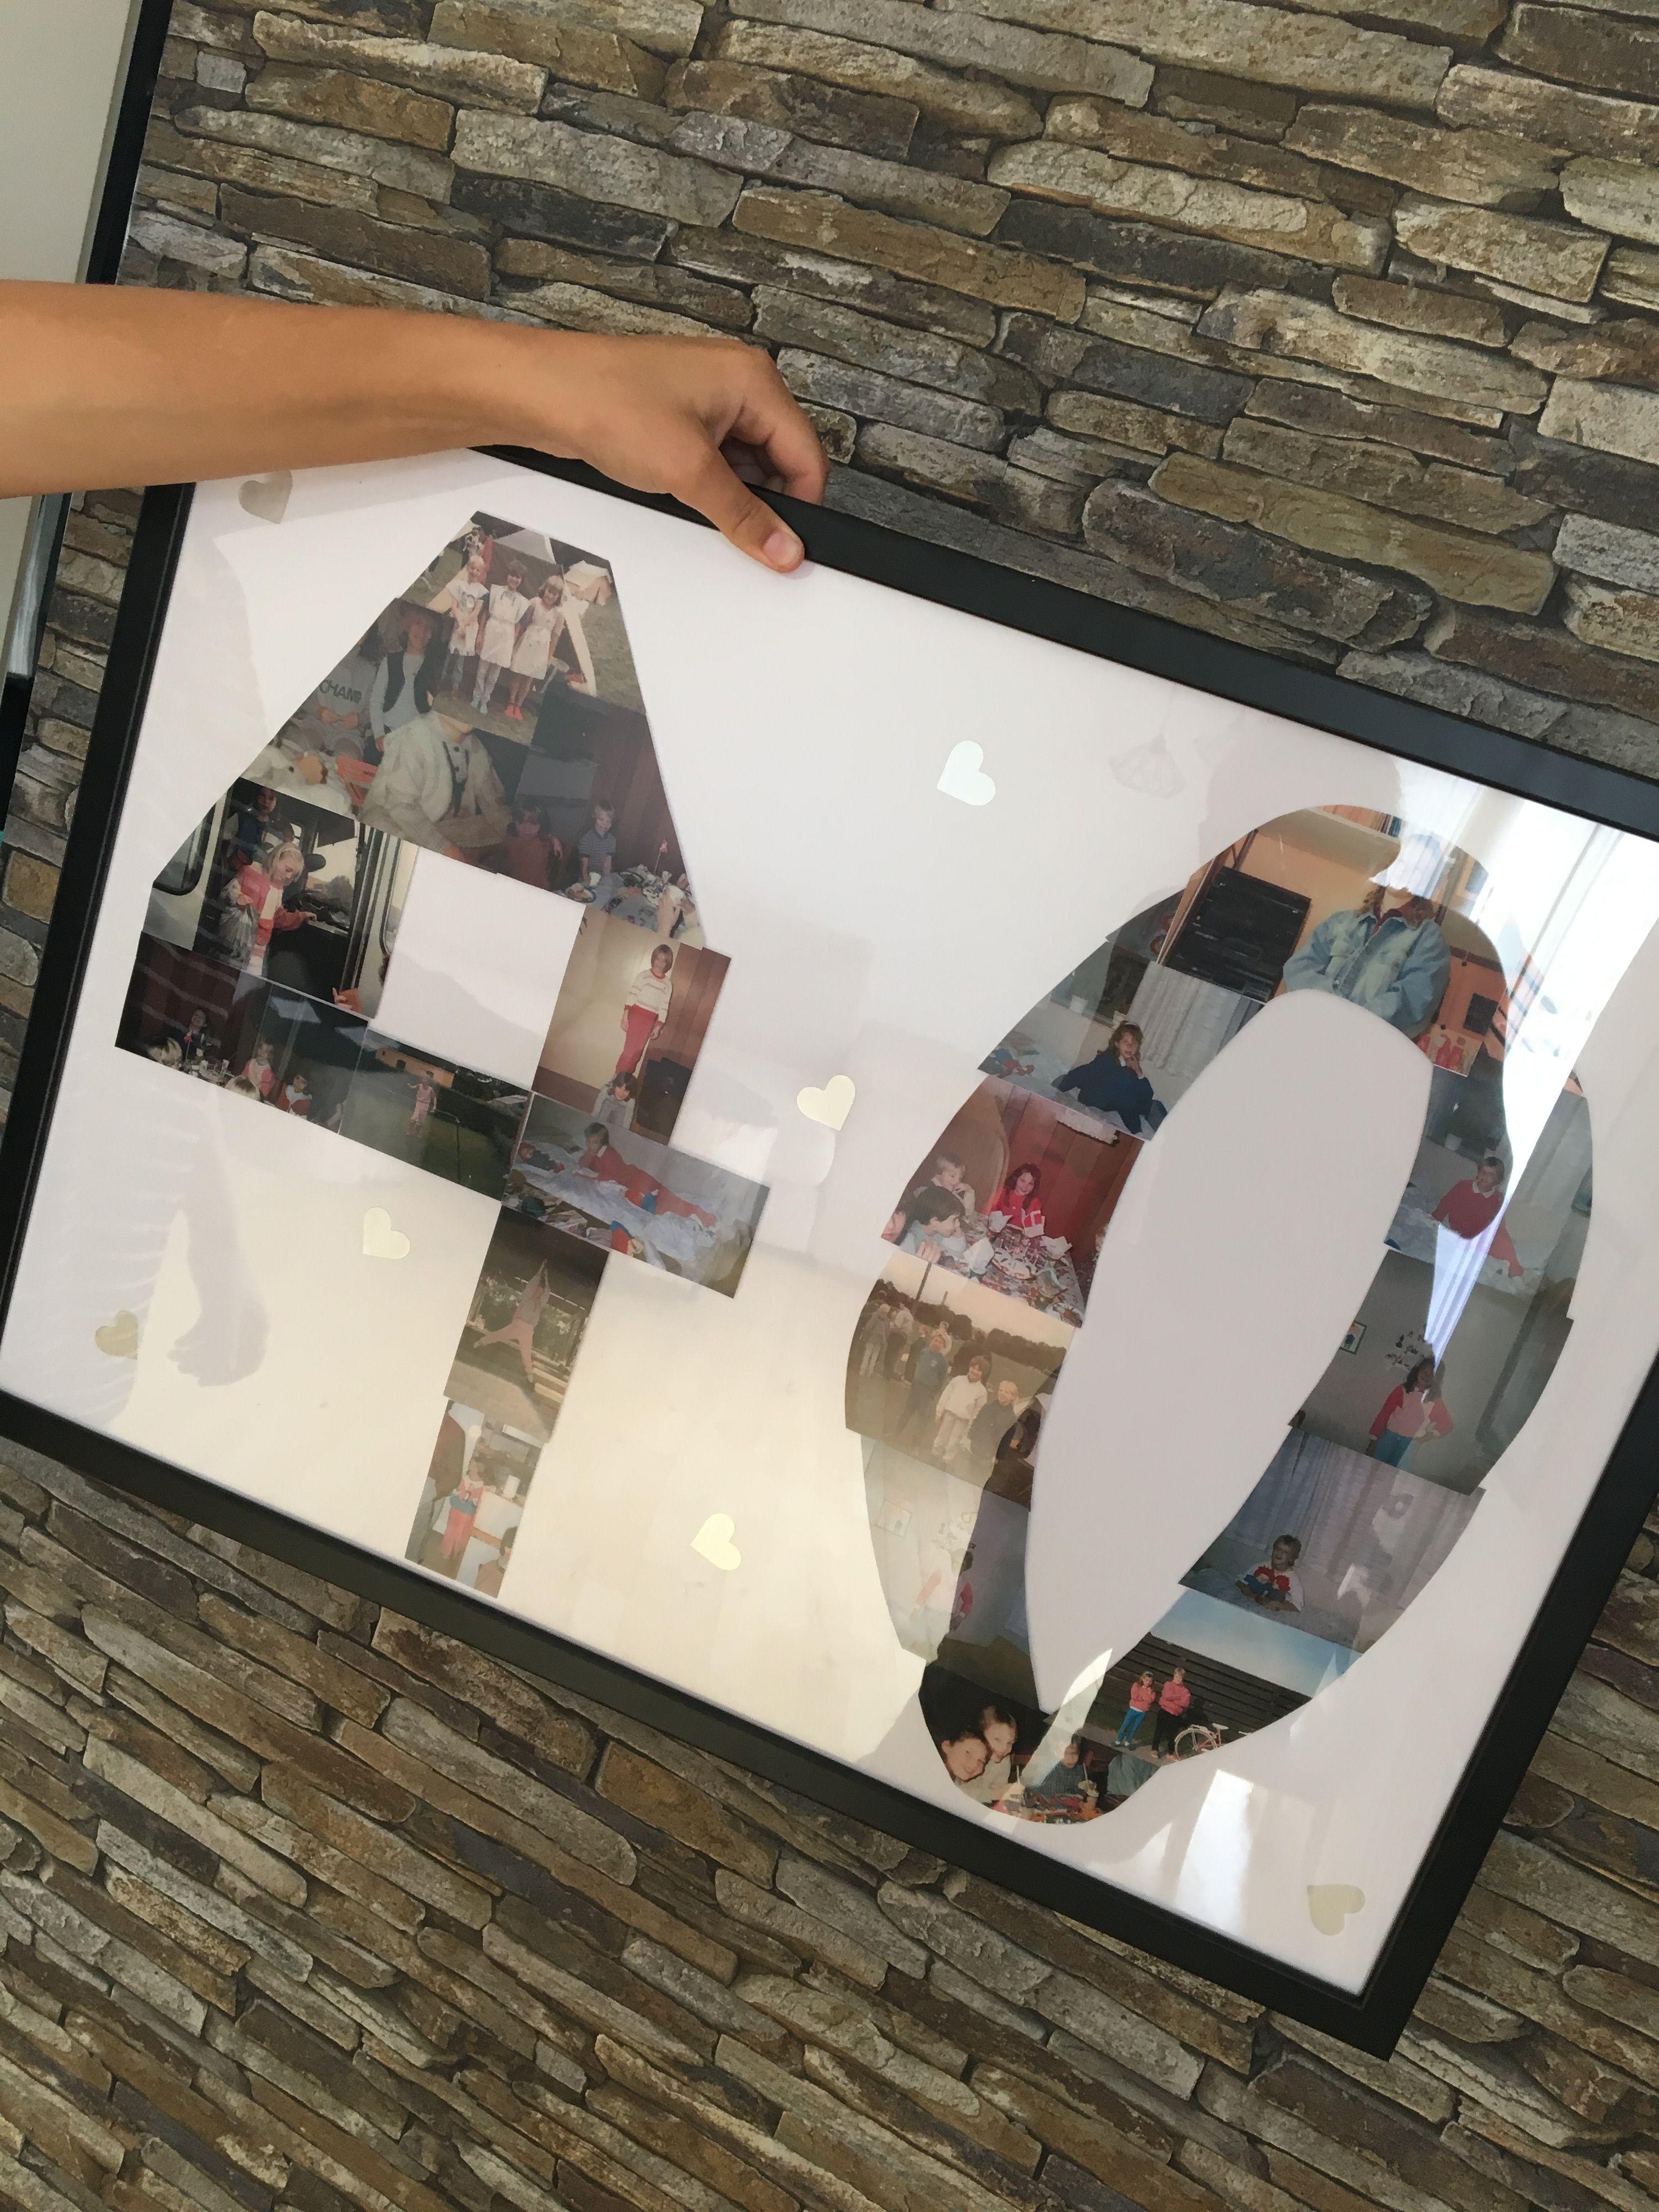 40 års fødselsdag gaveide | Prosjekter, Bursdag